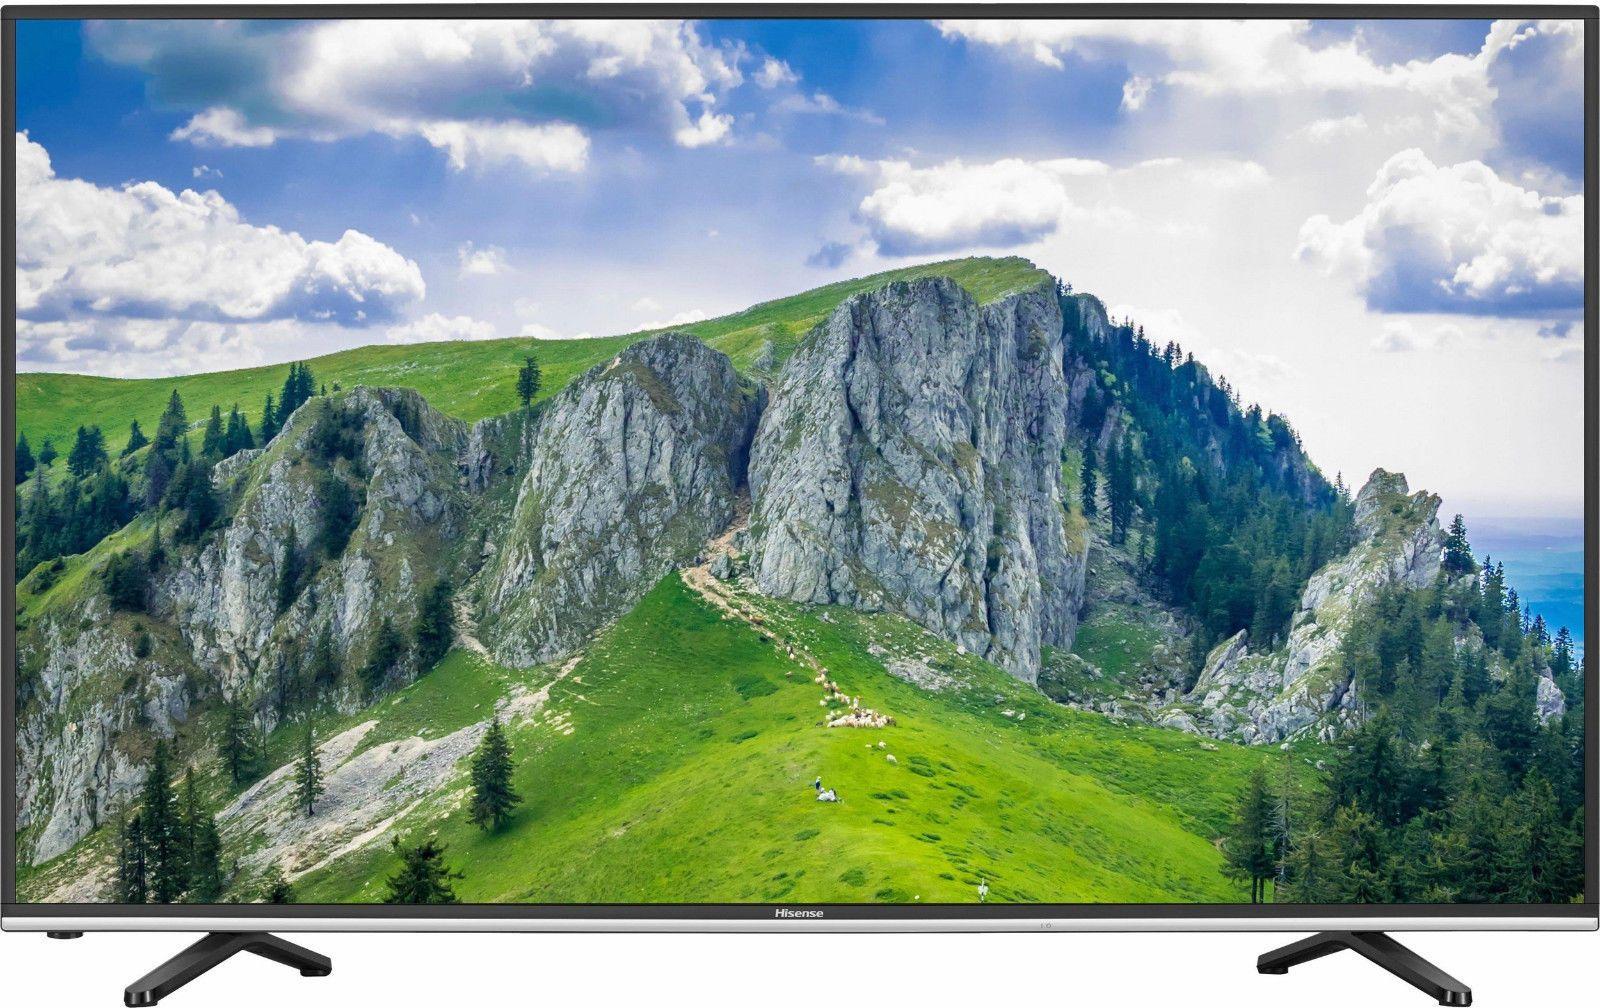 Hisense H55mec3050 Led Fernseher 138 Cm 55 Zoll 2160p 4k Ultra Hd Smart Tvsparen25 Com Sparen25 De Sparen25 Info Led Fernseher Fernseher Led